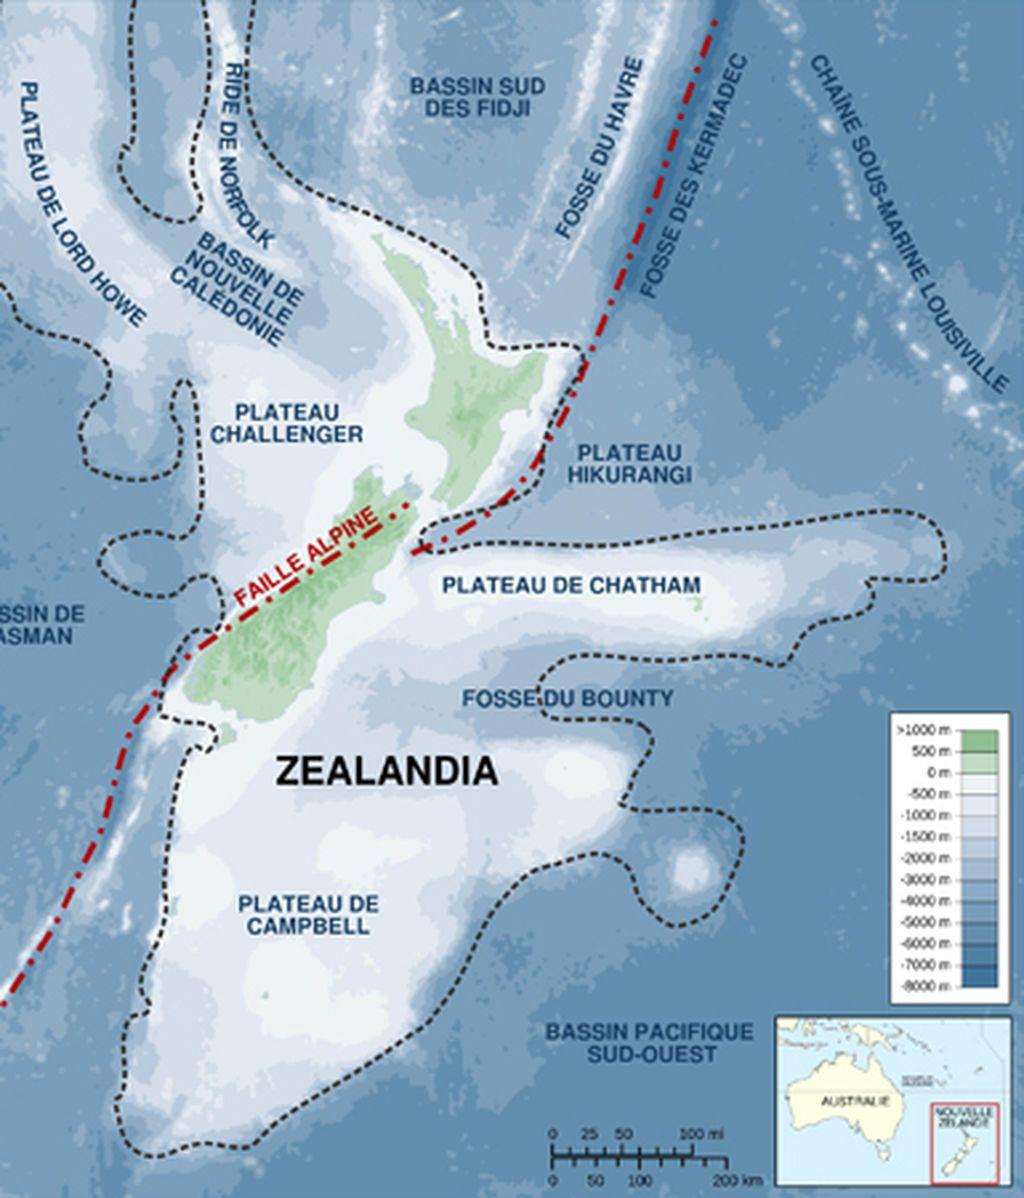 242506-ZEALANDIA